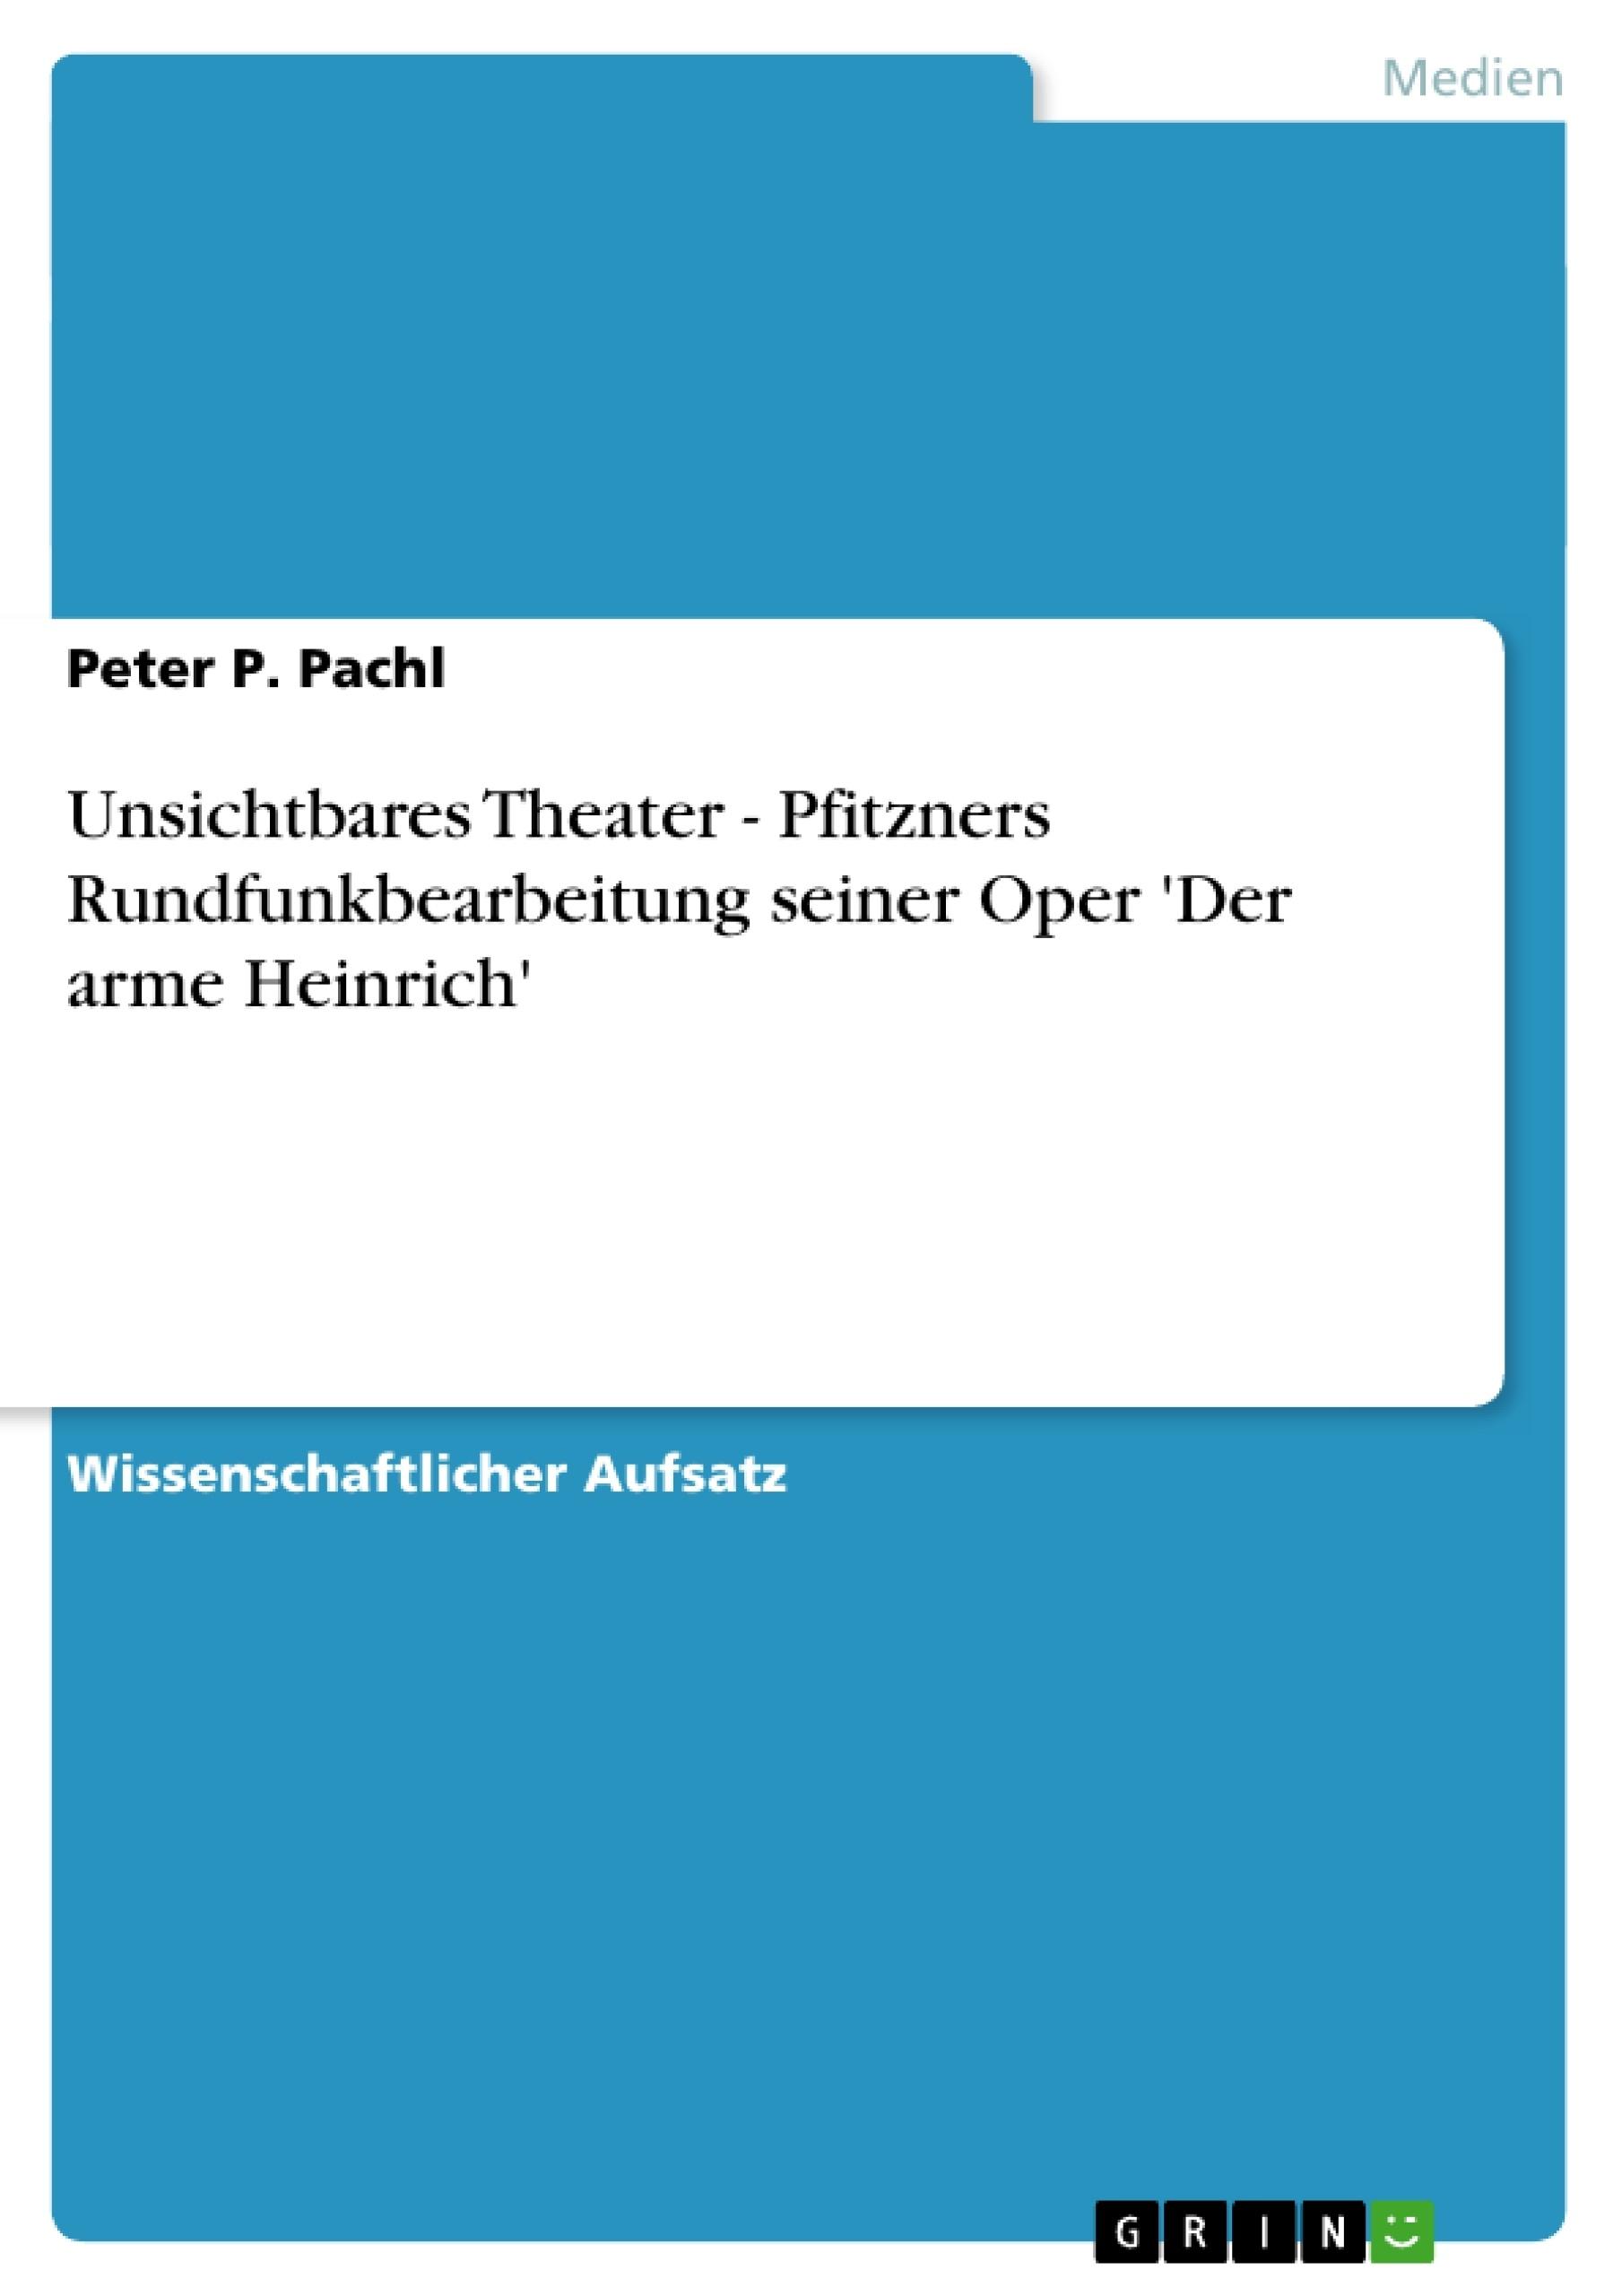 Titel: Unsichtbares Theater - Pfitzners Rundfunkbearbeitung seiner Oper 'Der arme Heinrich'